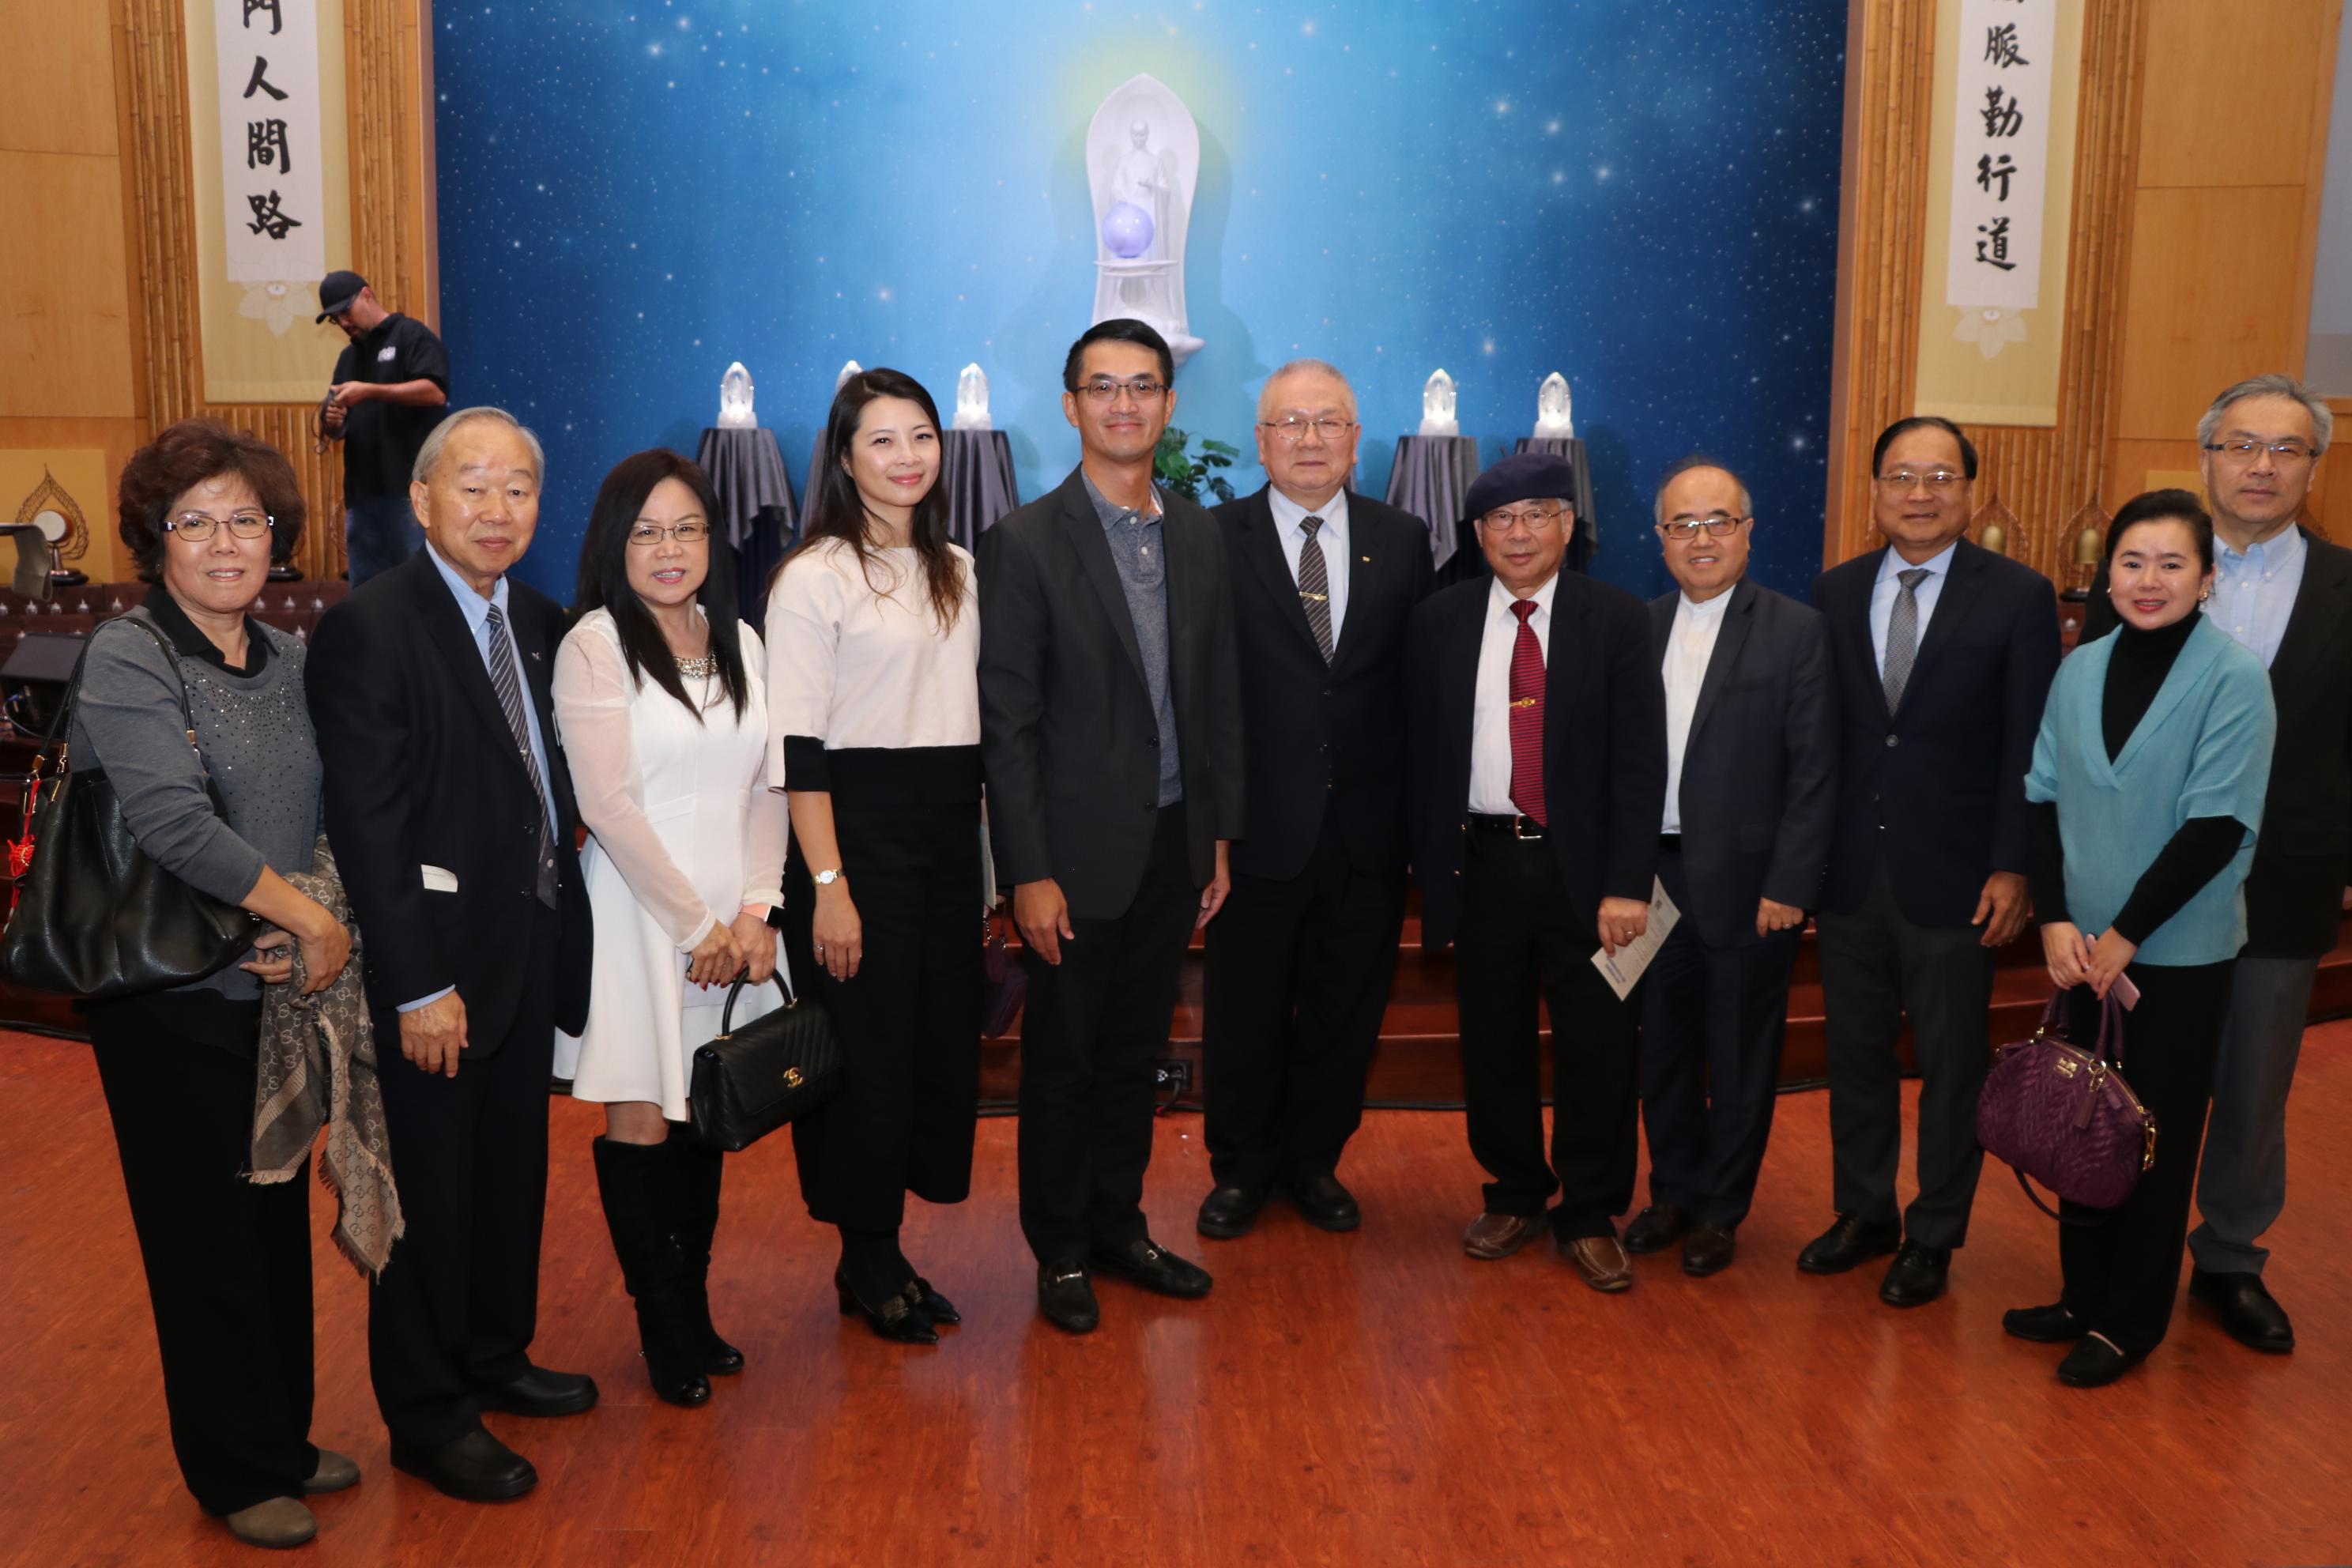 台北經文處處長陳家彥(左五)、慈濟德州分會執行長黃濟恩(左六)與多位善心人士合影。